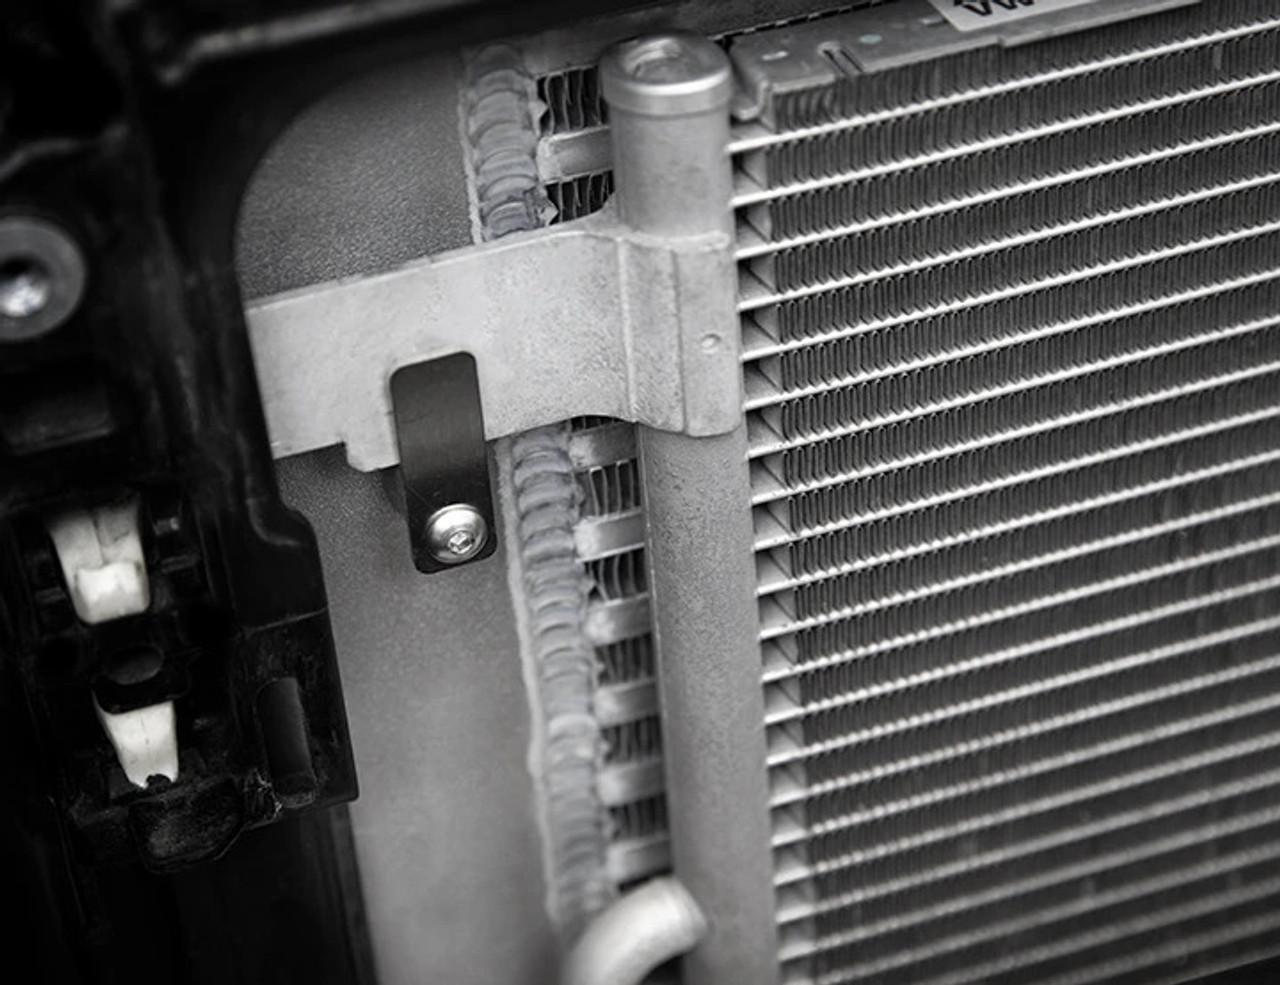 IE FDS Intercooler Ver. 2 for 2.0T & 1.8T Gen 3 MQB | Fits VW MK7/MK7.5 Golf TSI, GTI/R  & Audi (8V) A3, S3